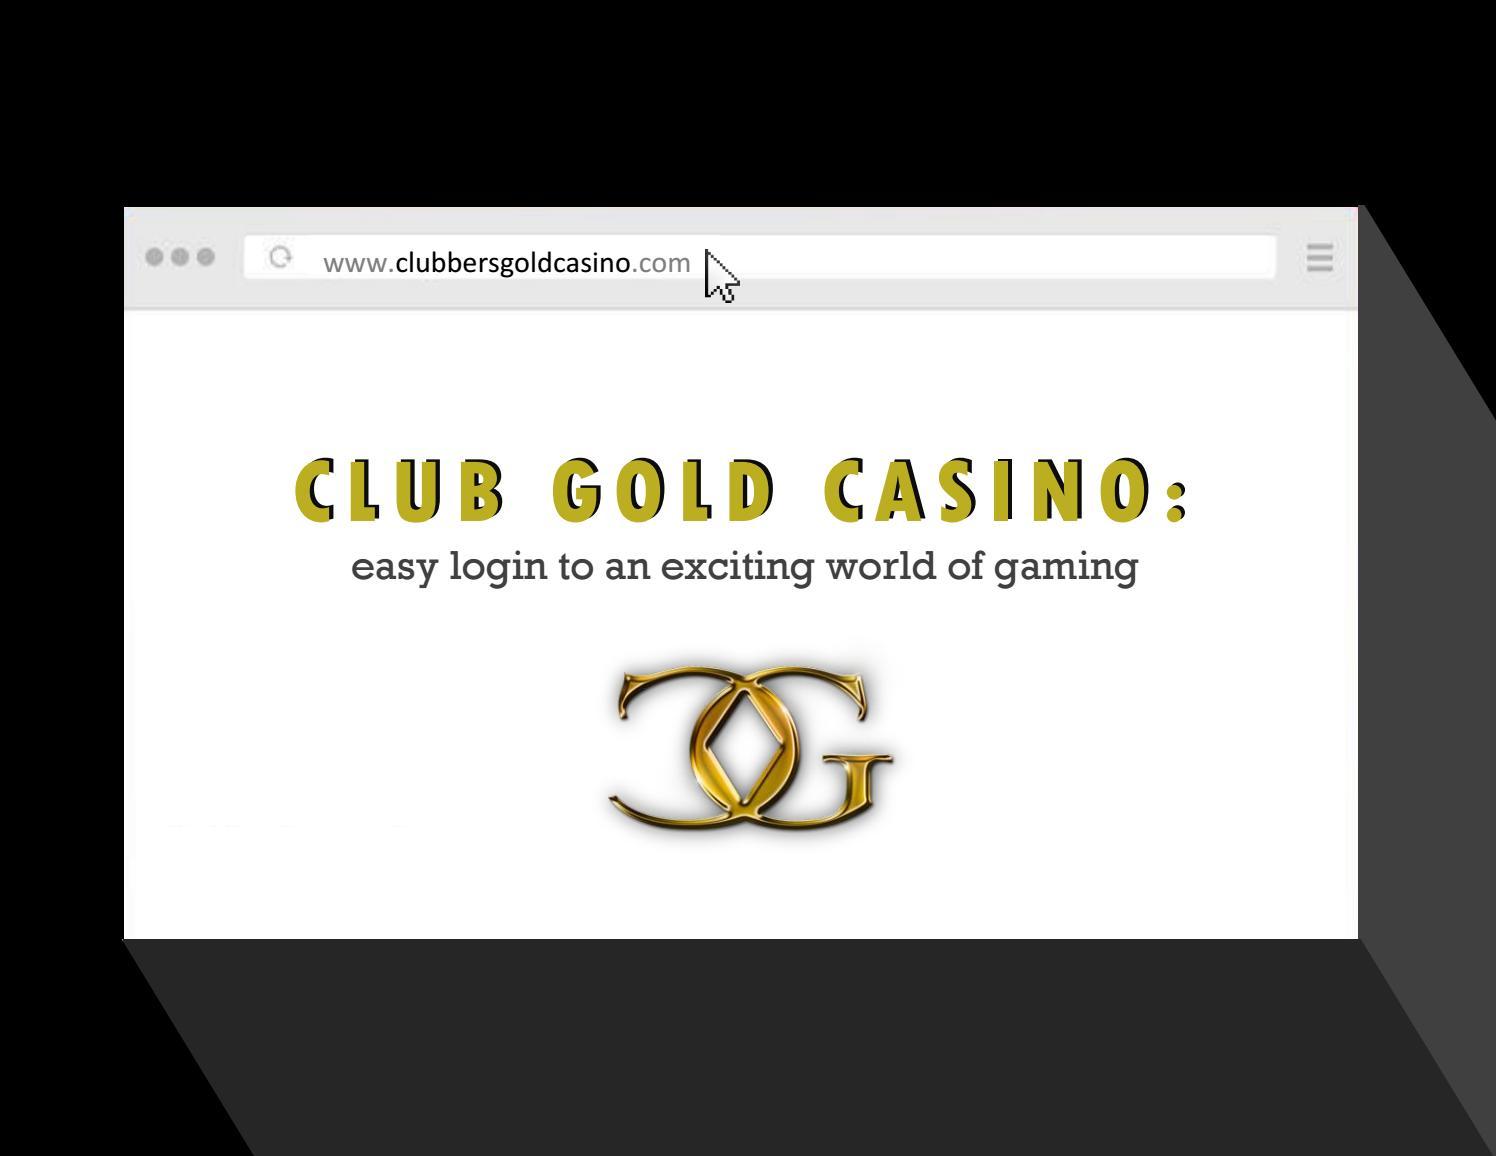 Clubgoldcasino